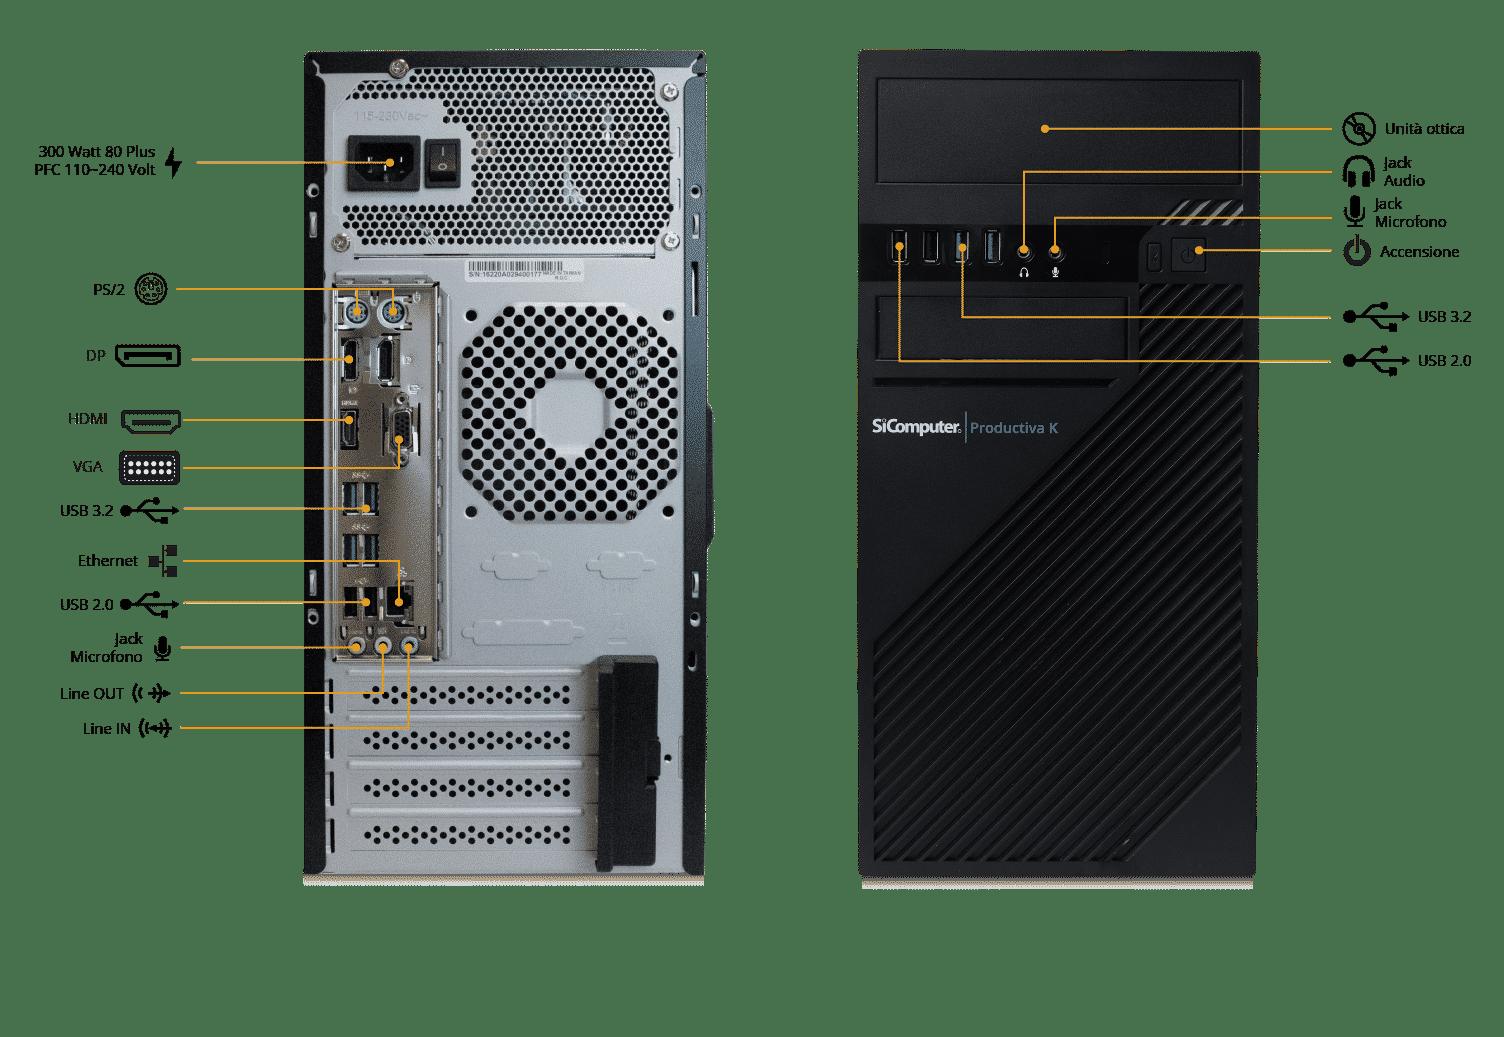 Productiva-K200-Componenti 2020-01